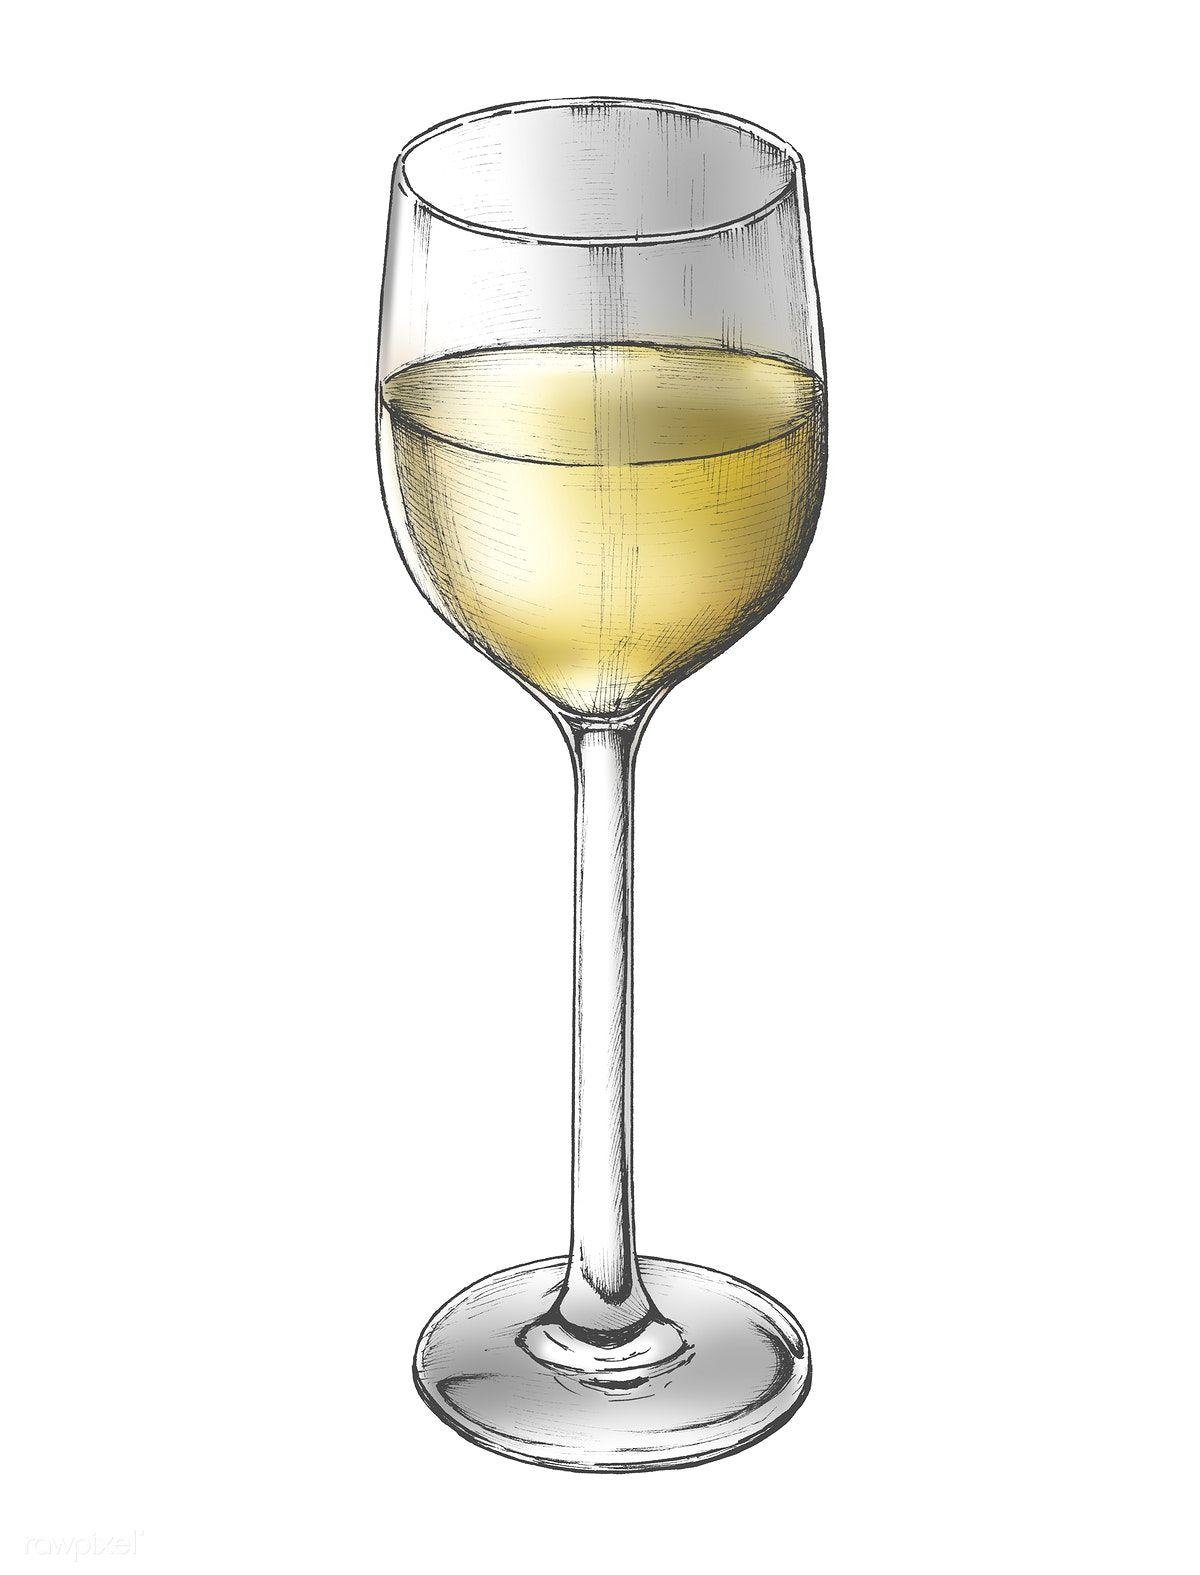 White Wine Glasses Clipart